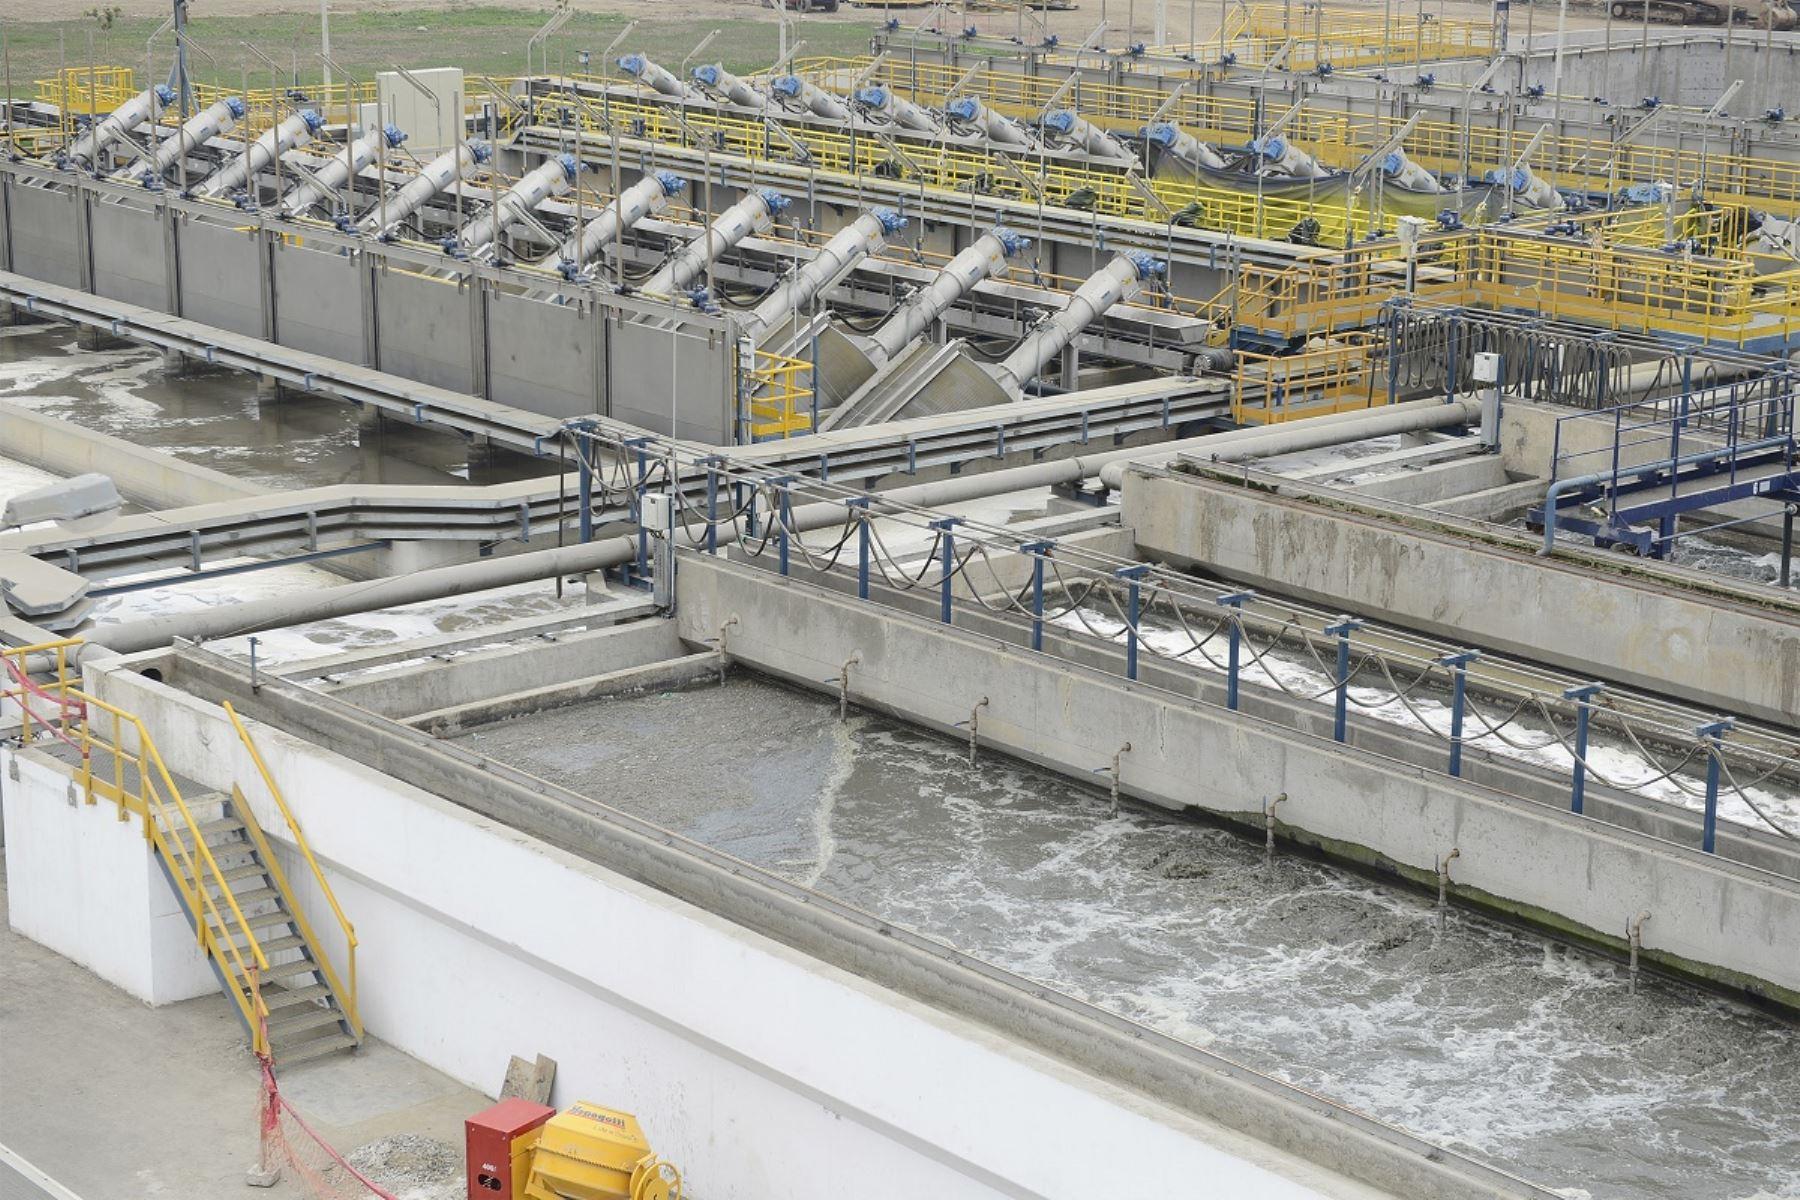 Planta de Tratamiento de Aguas Residuales (PTAR). Foto: Cortesía.